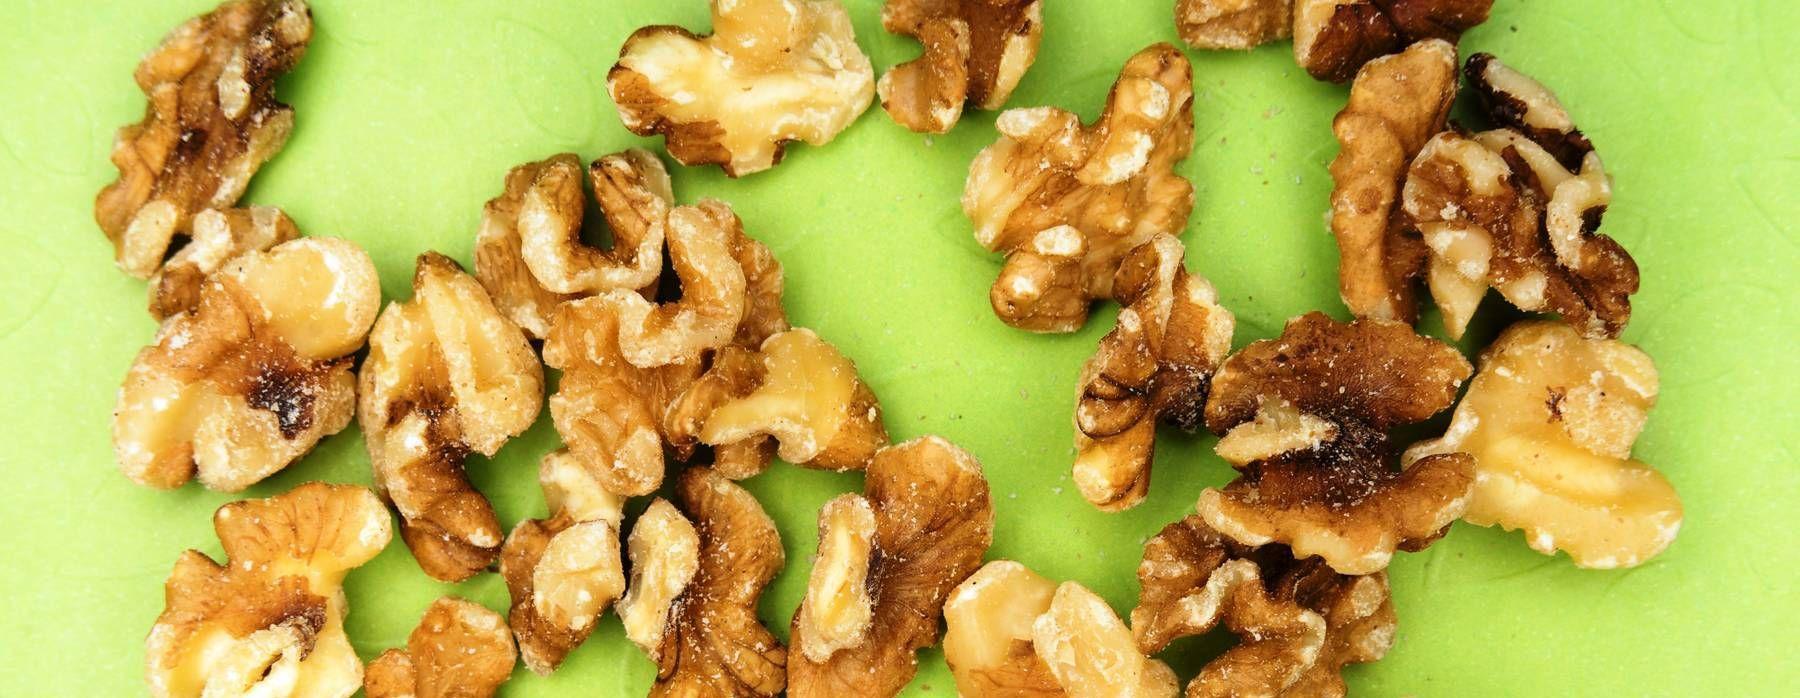 Los mejores alimentos con magnesio que puedes consumir - Featured image